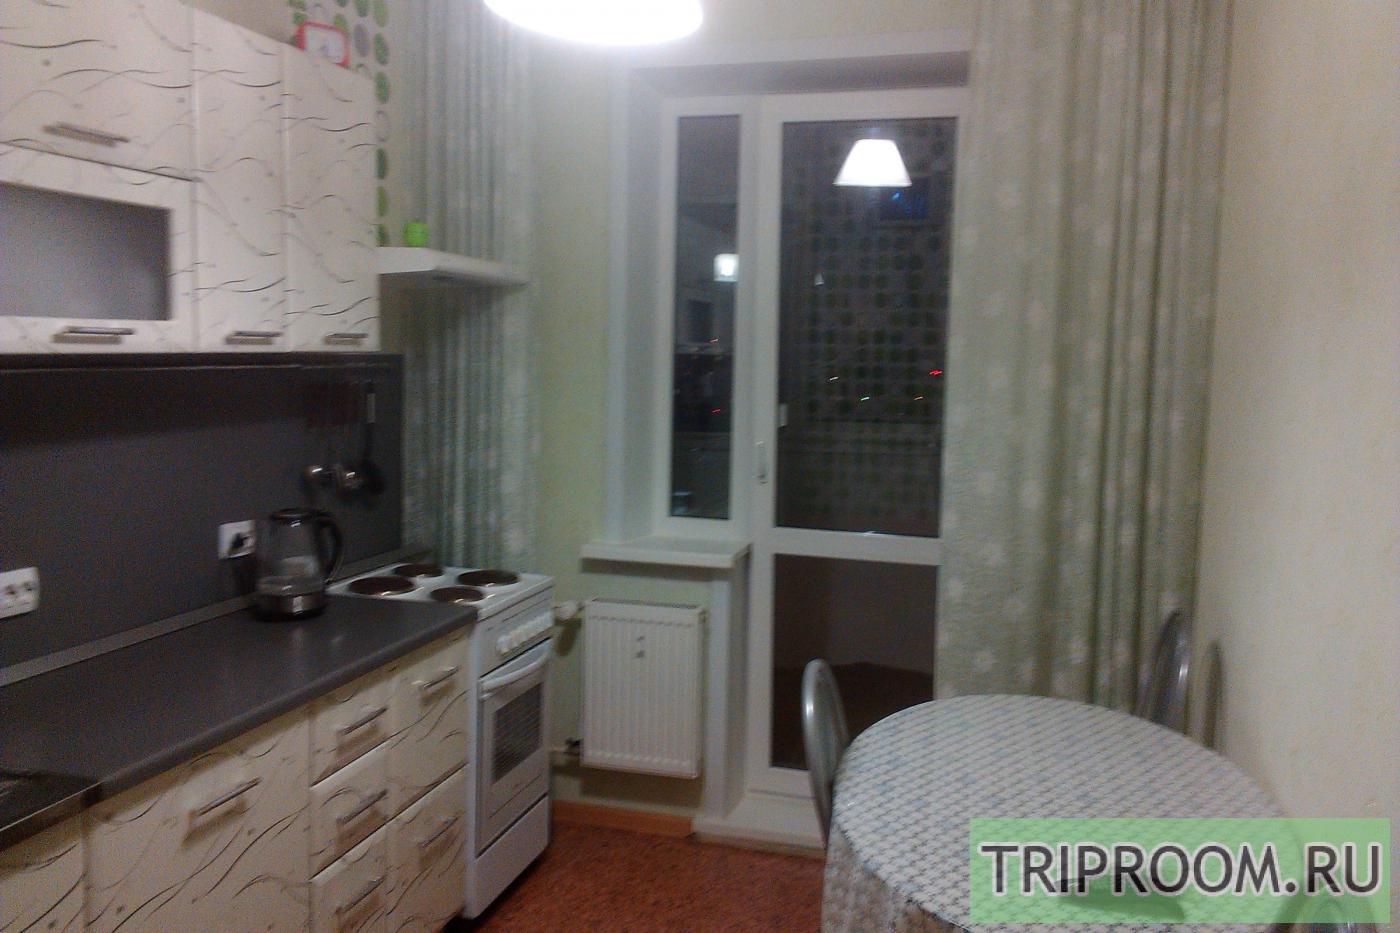 1-комнатная квартира посуточно (вариант № 11982), ул. Оханская улица, фото № 4